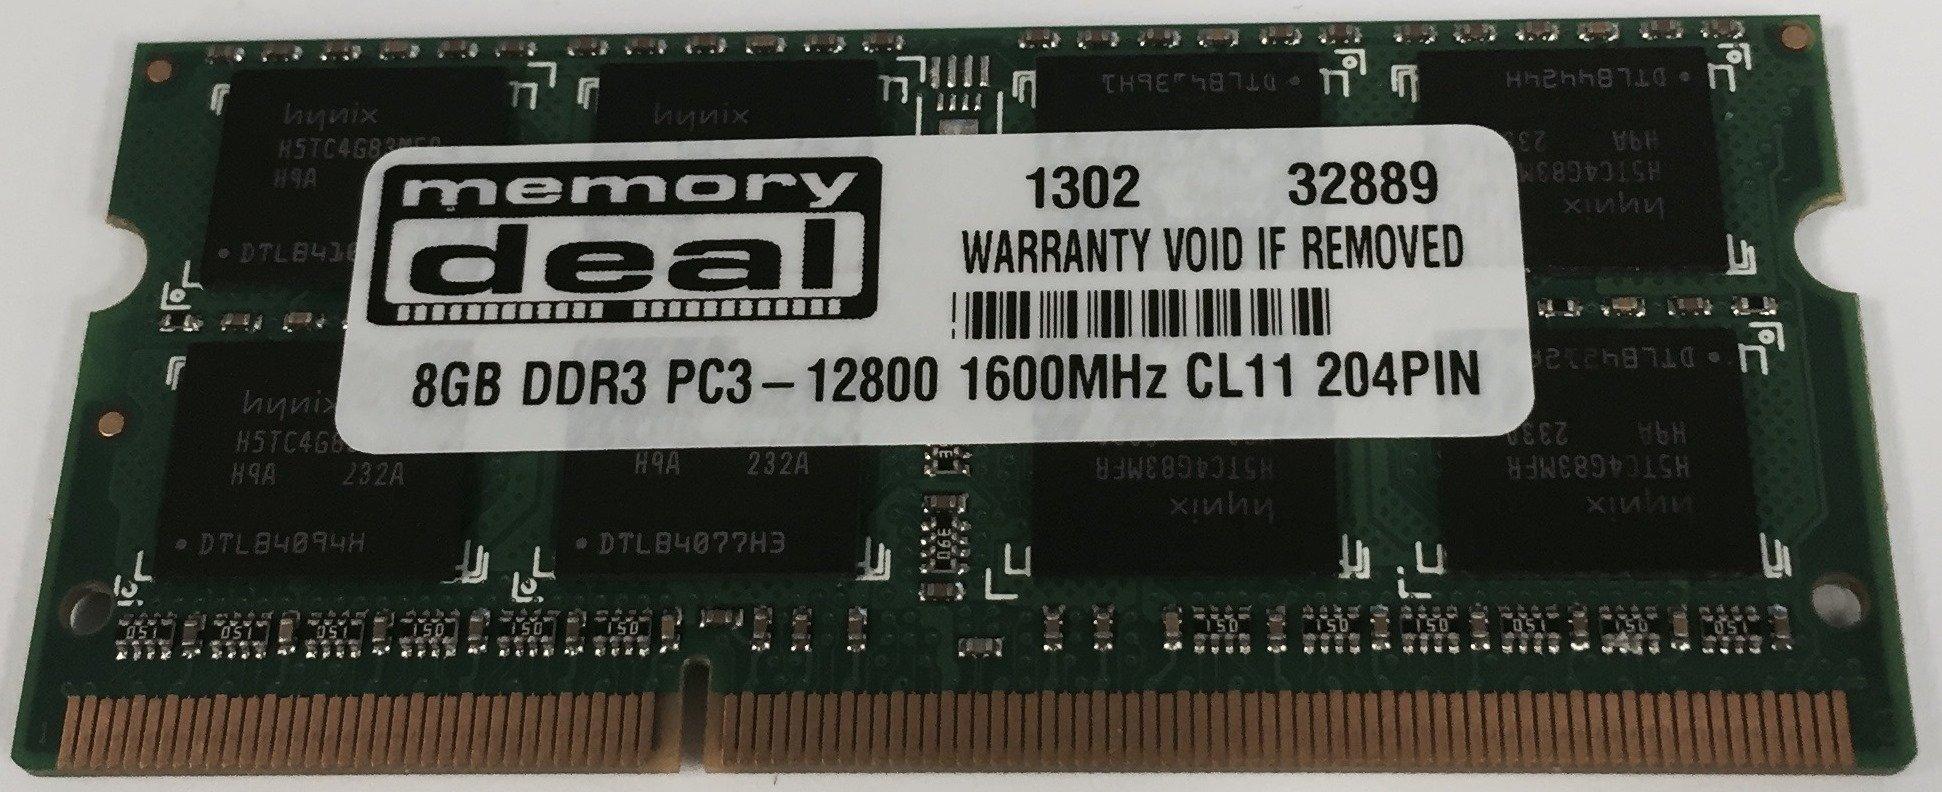 8GB DDR3 Memoria para Toshiba Satellite C870D-10C